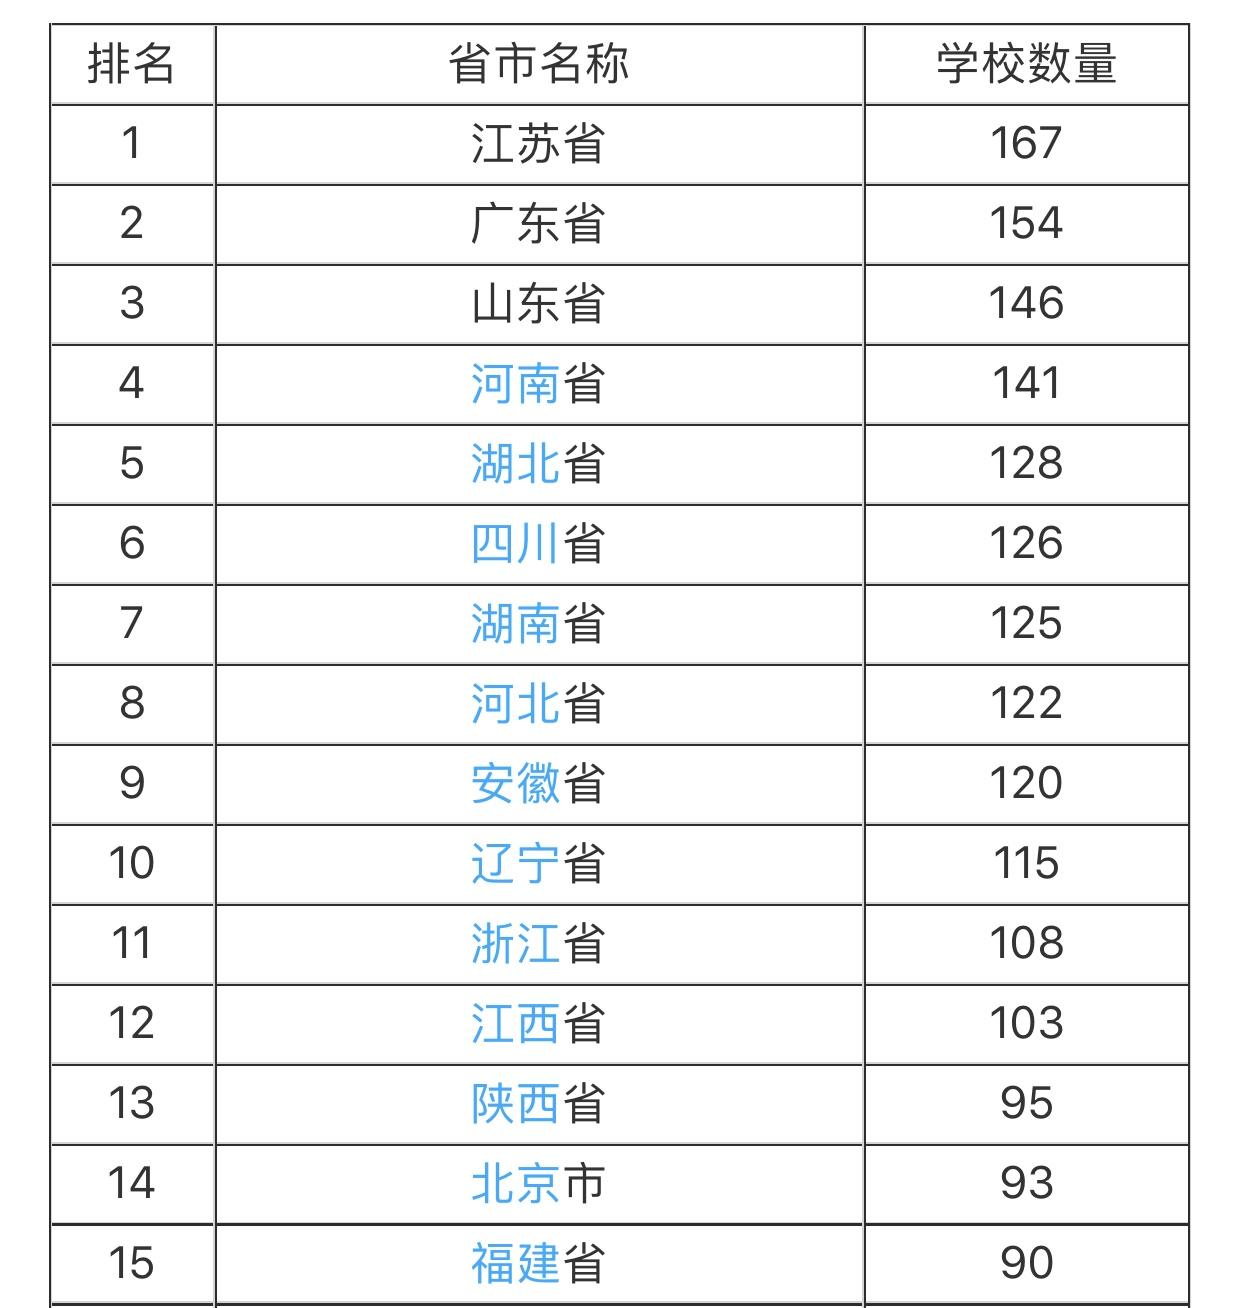 中国大学数量最多的省份排名,毫无悬念,这个高考强省排在第一!